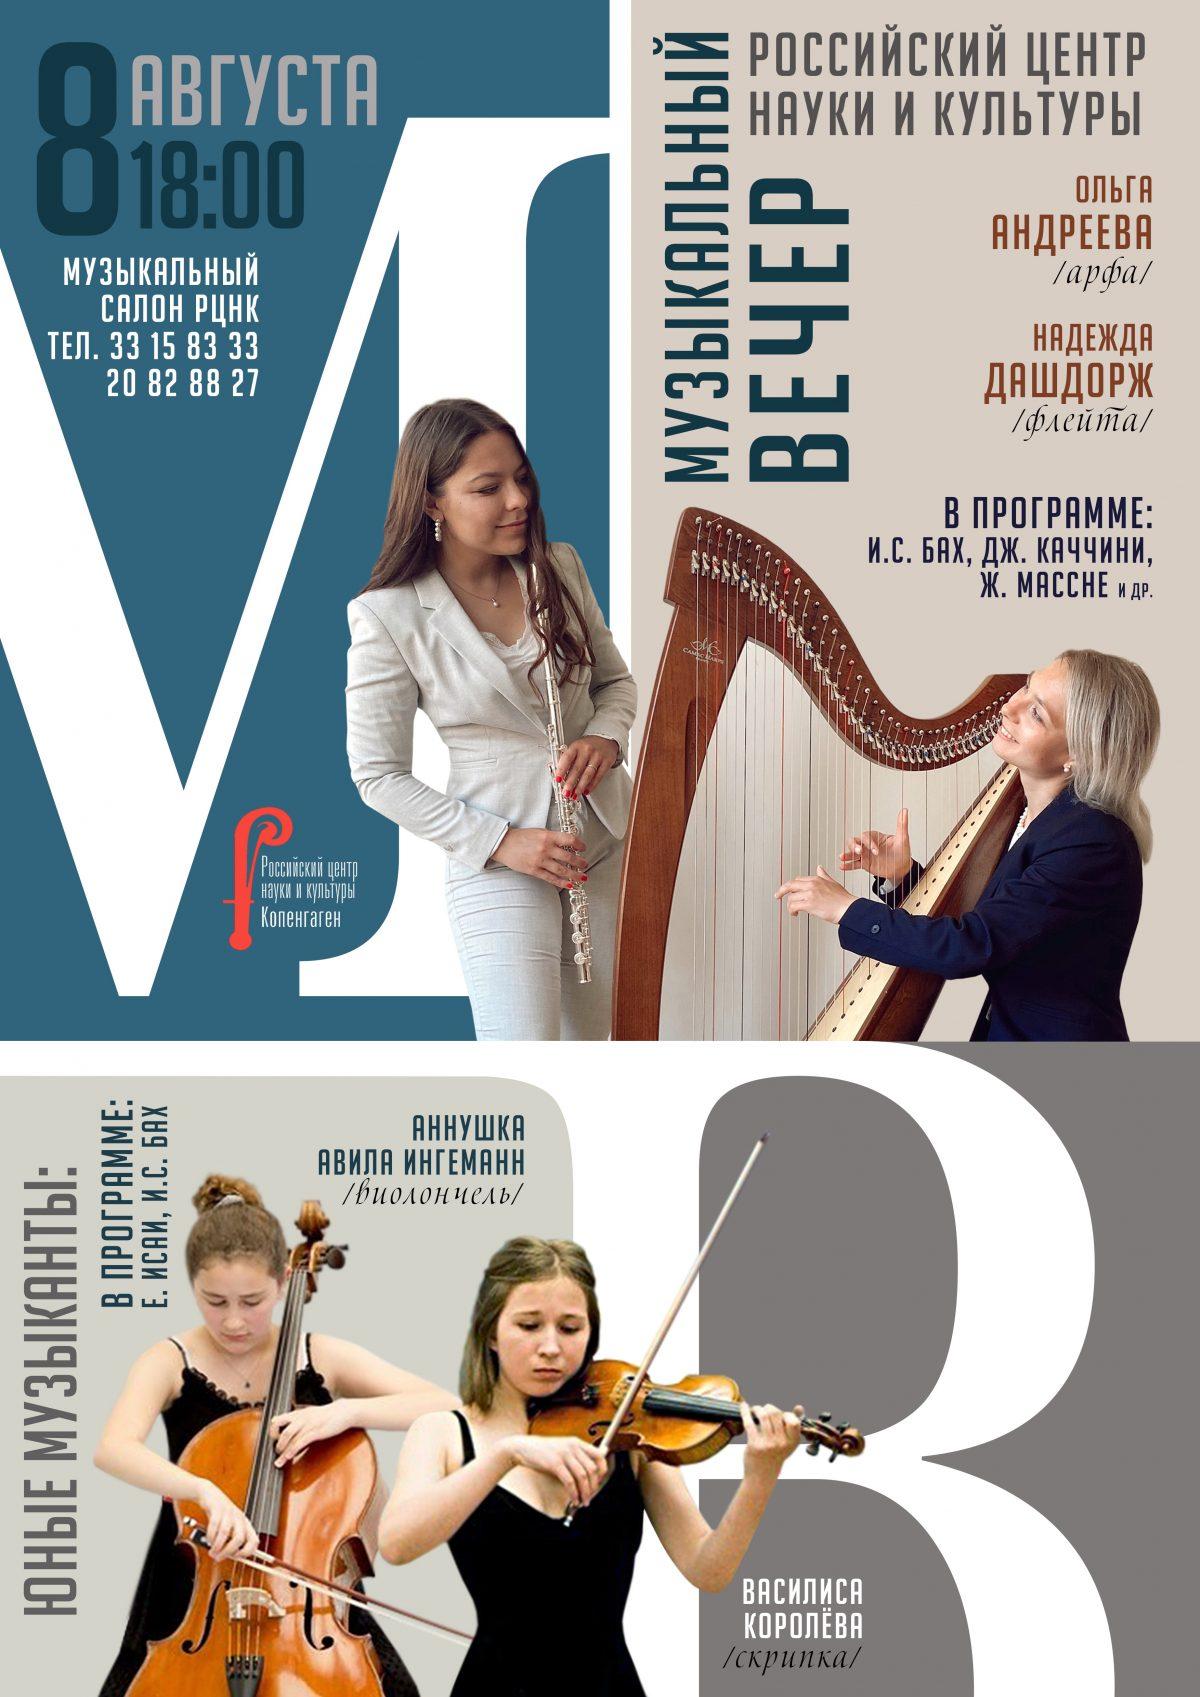 Музыкальный вечер в Российском Центре Науки и Культуры 8 августа в 18.00